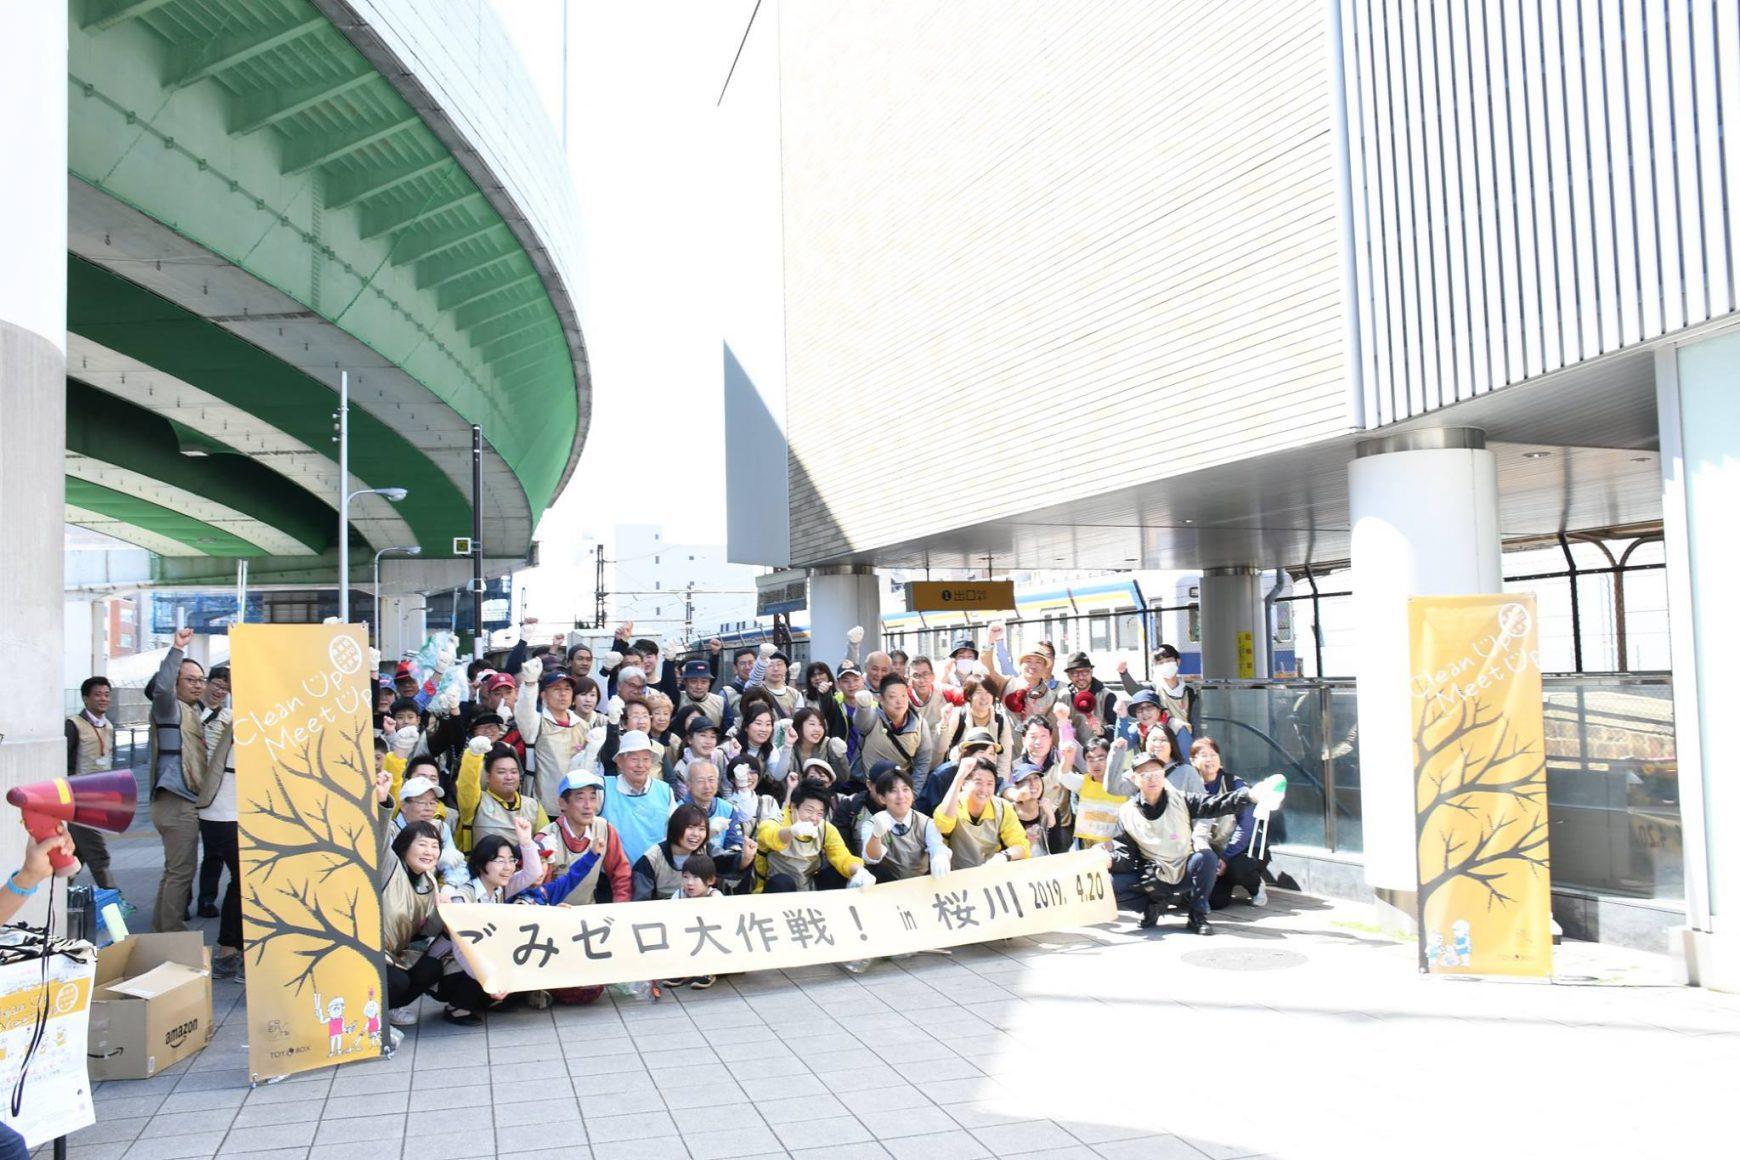 """浪速区ごみゼロ大作戦 第5弾 in 桜川 """"Clean Up Sakuragawa Meet Up"""" レポート"""